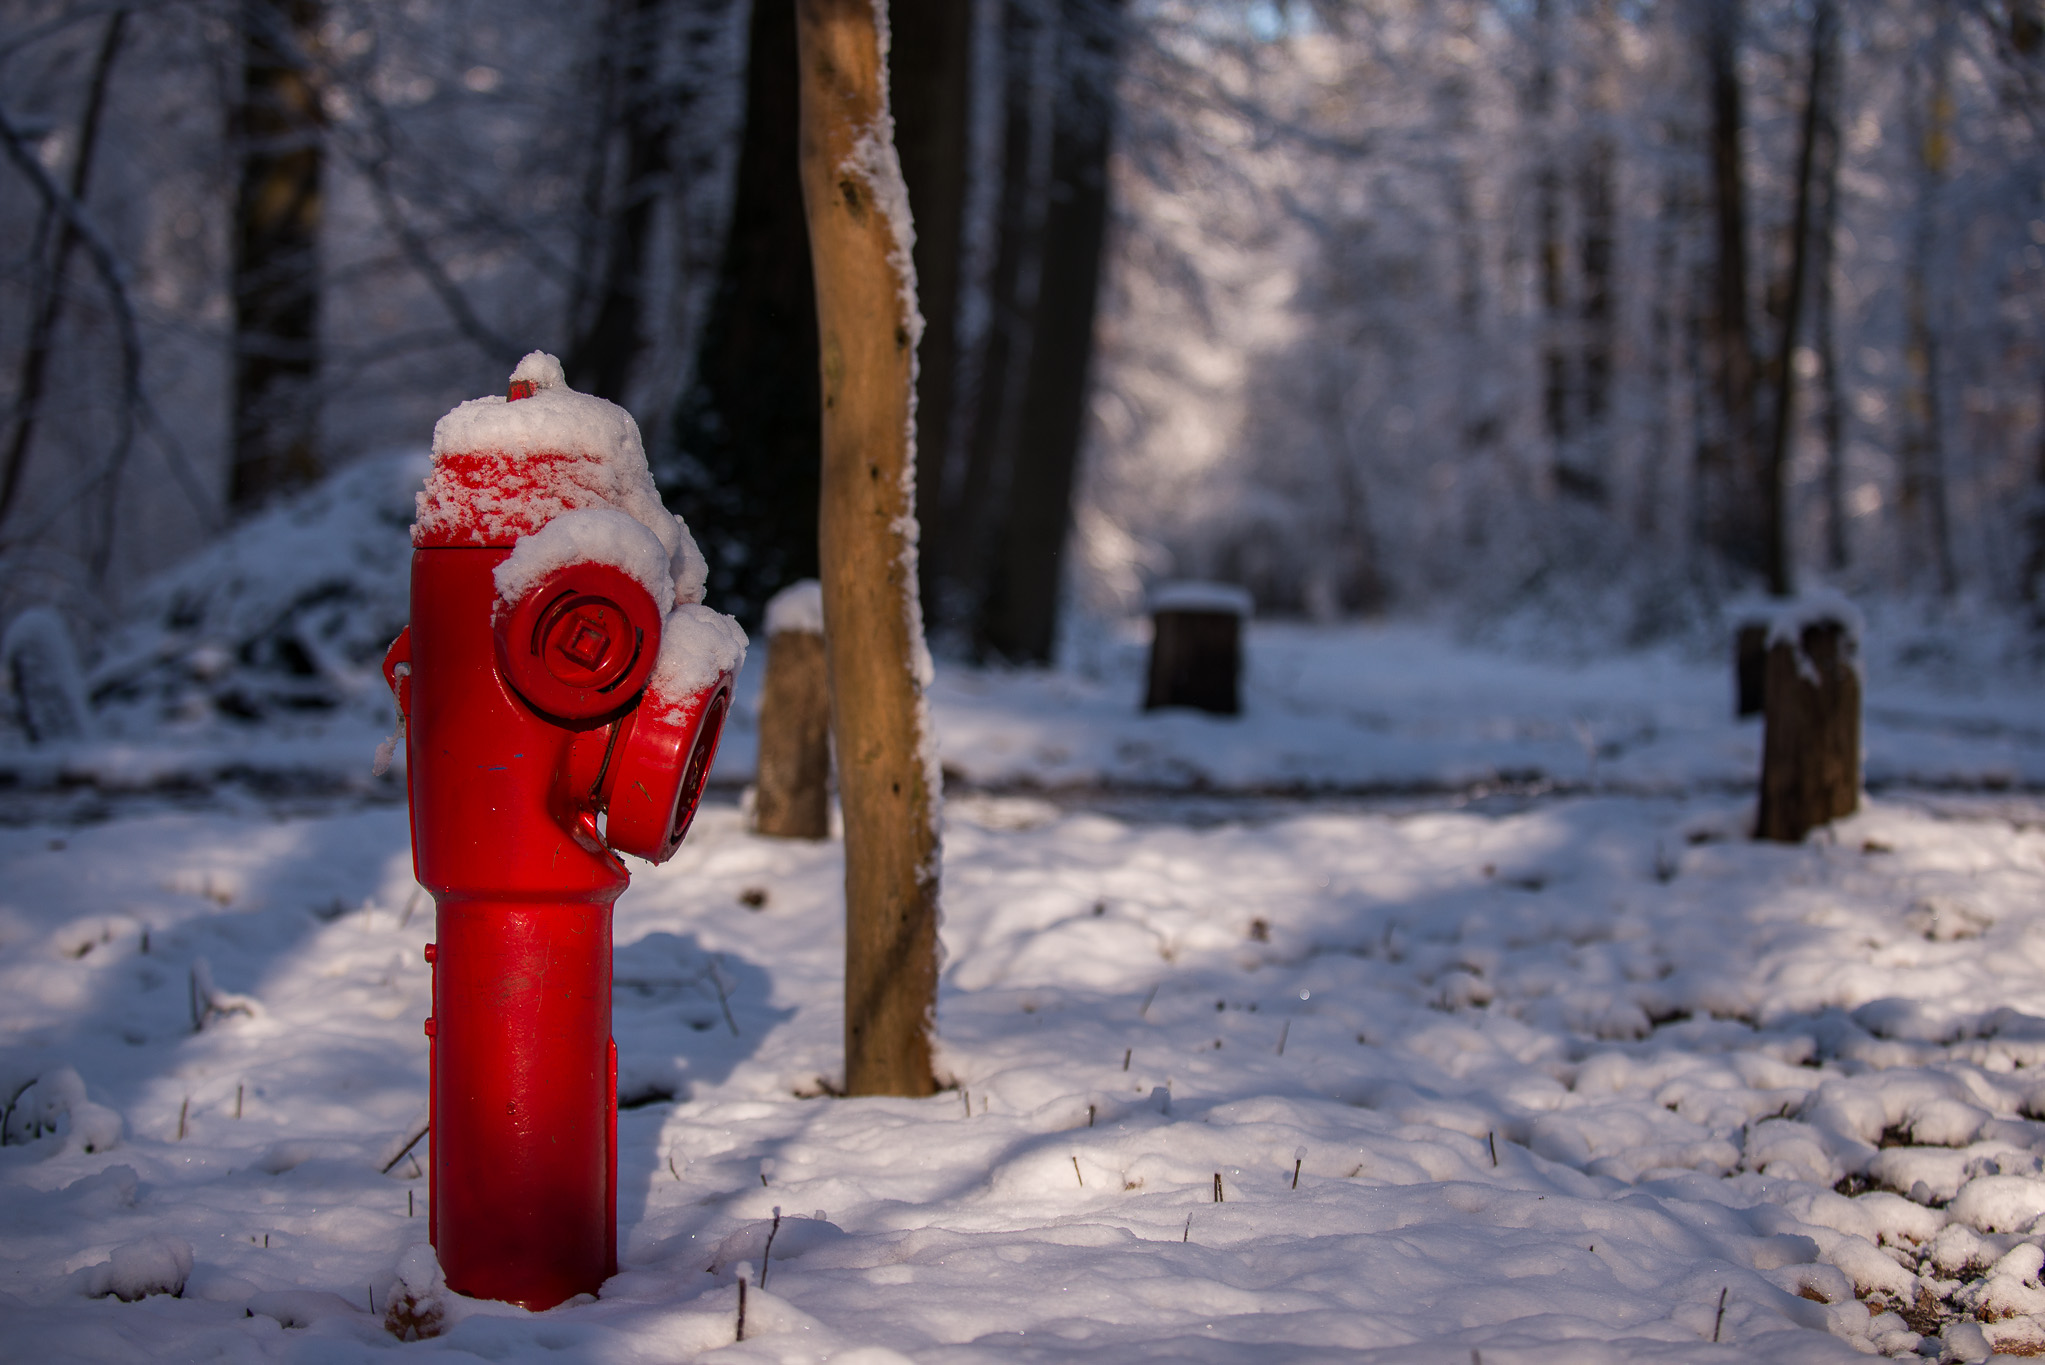 Bouche d'incendie sous la neige et lumière hivernale, ambiance et détail photographique par Marc Feron